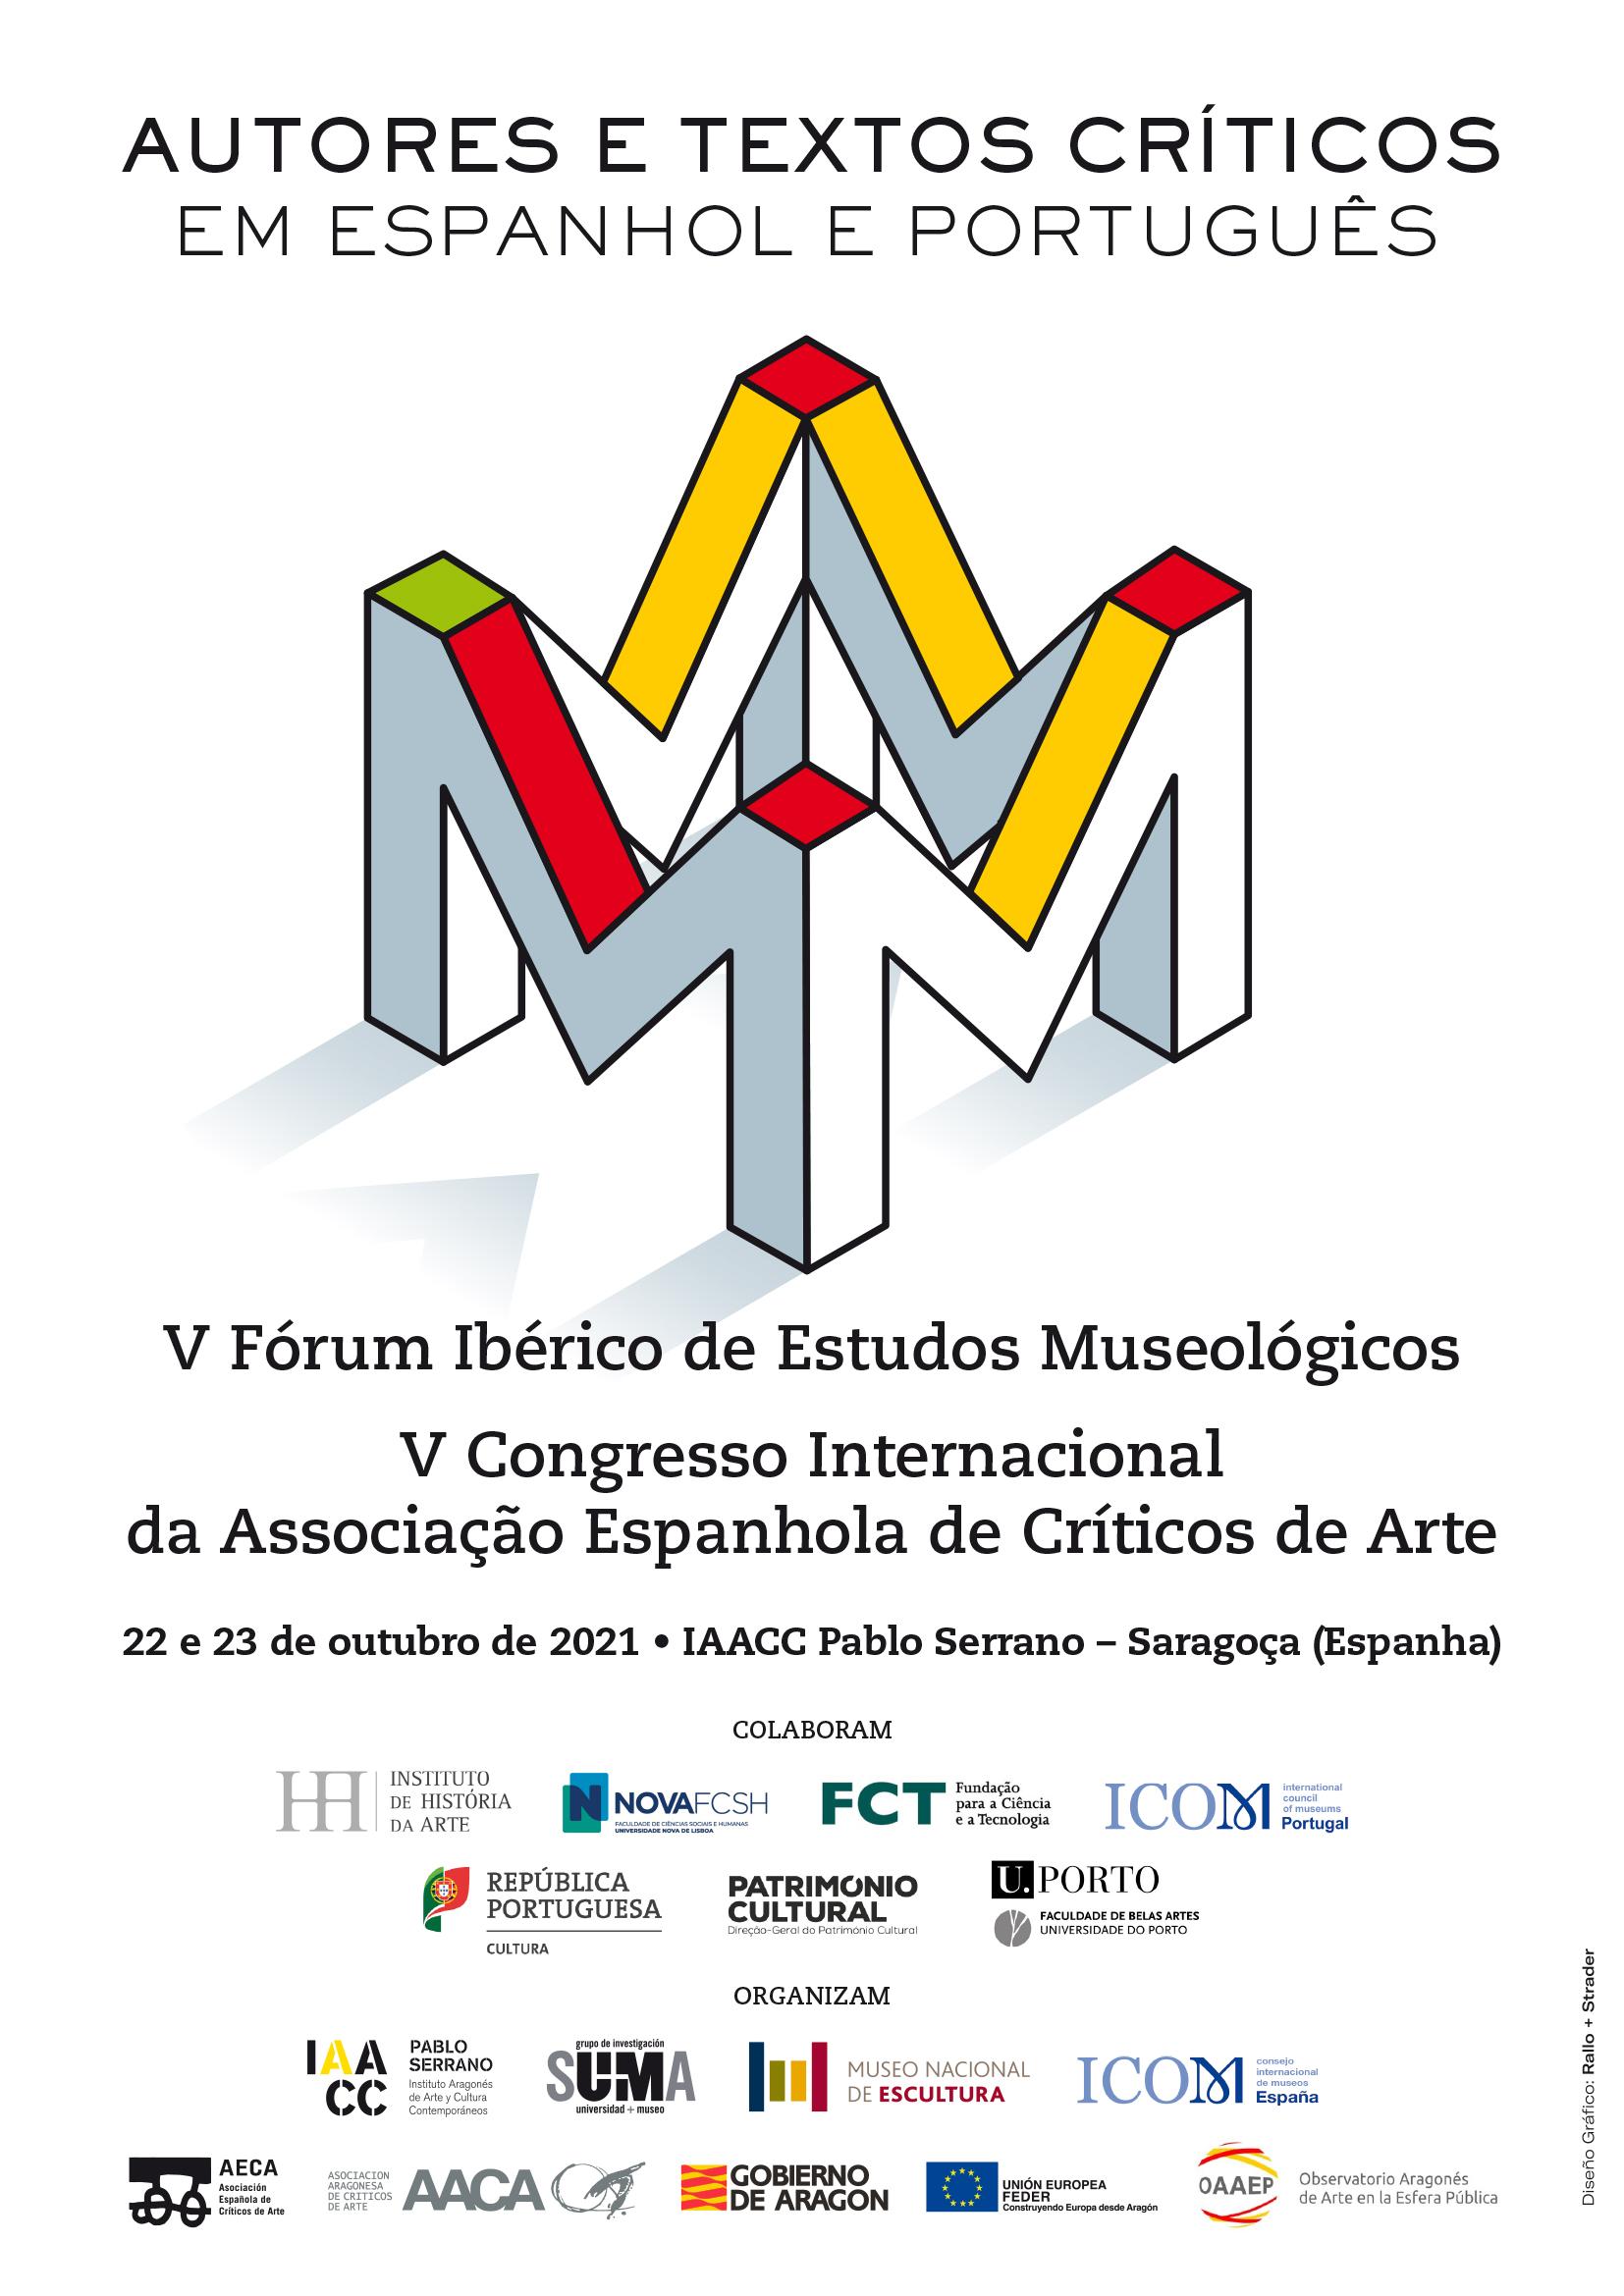 V Fórum Ibérico de Estudos Museológicos